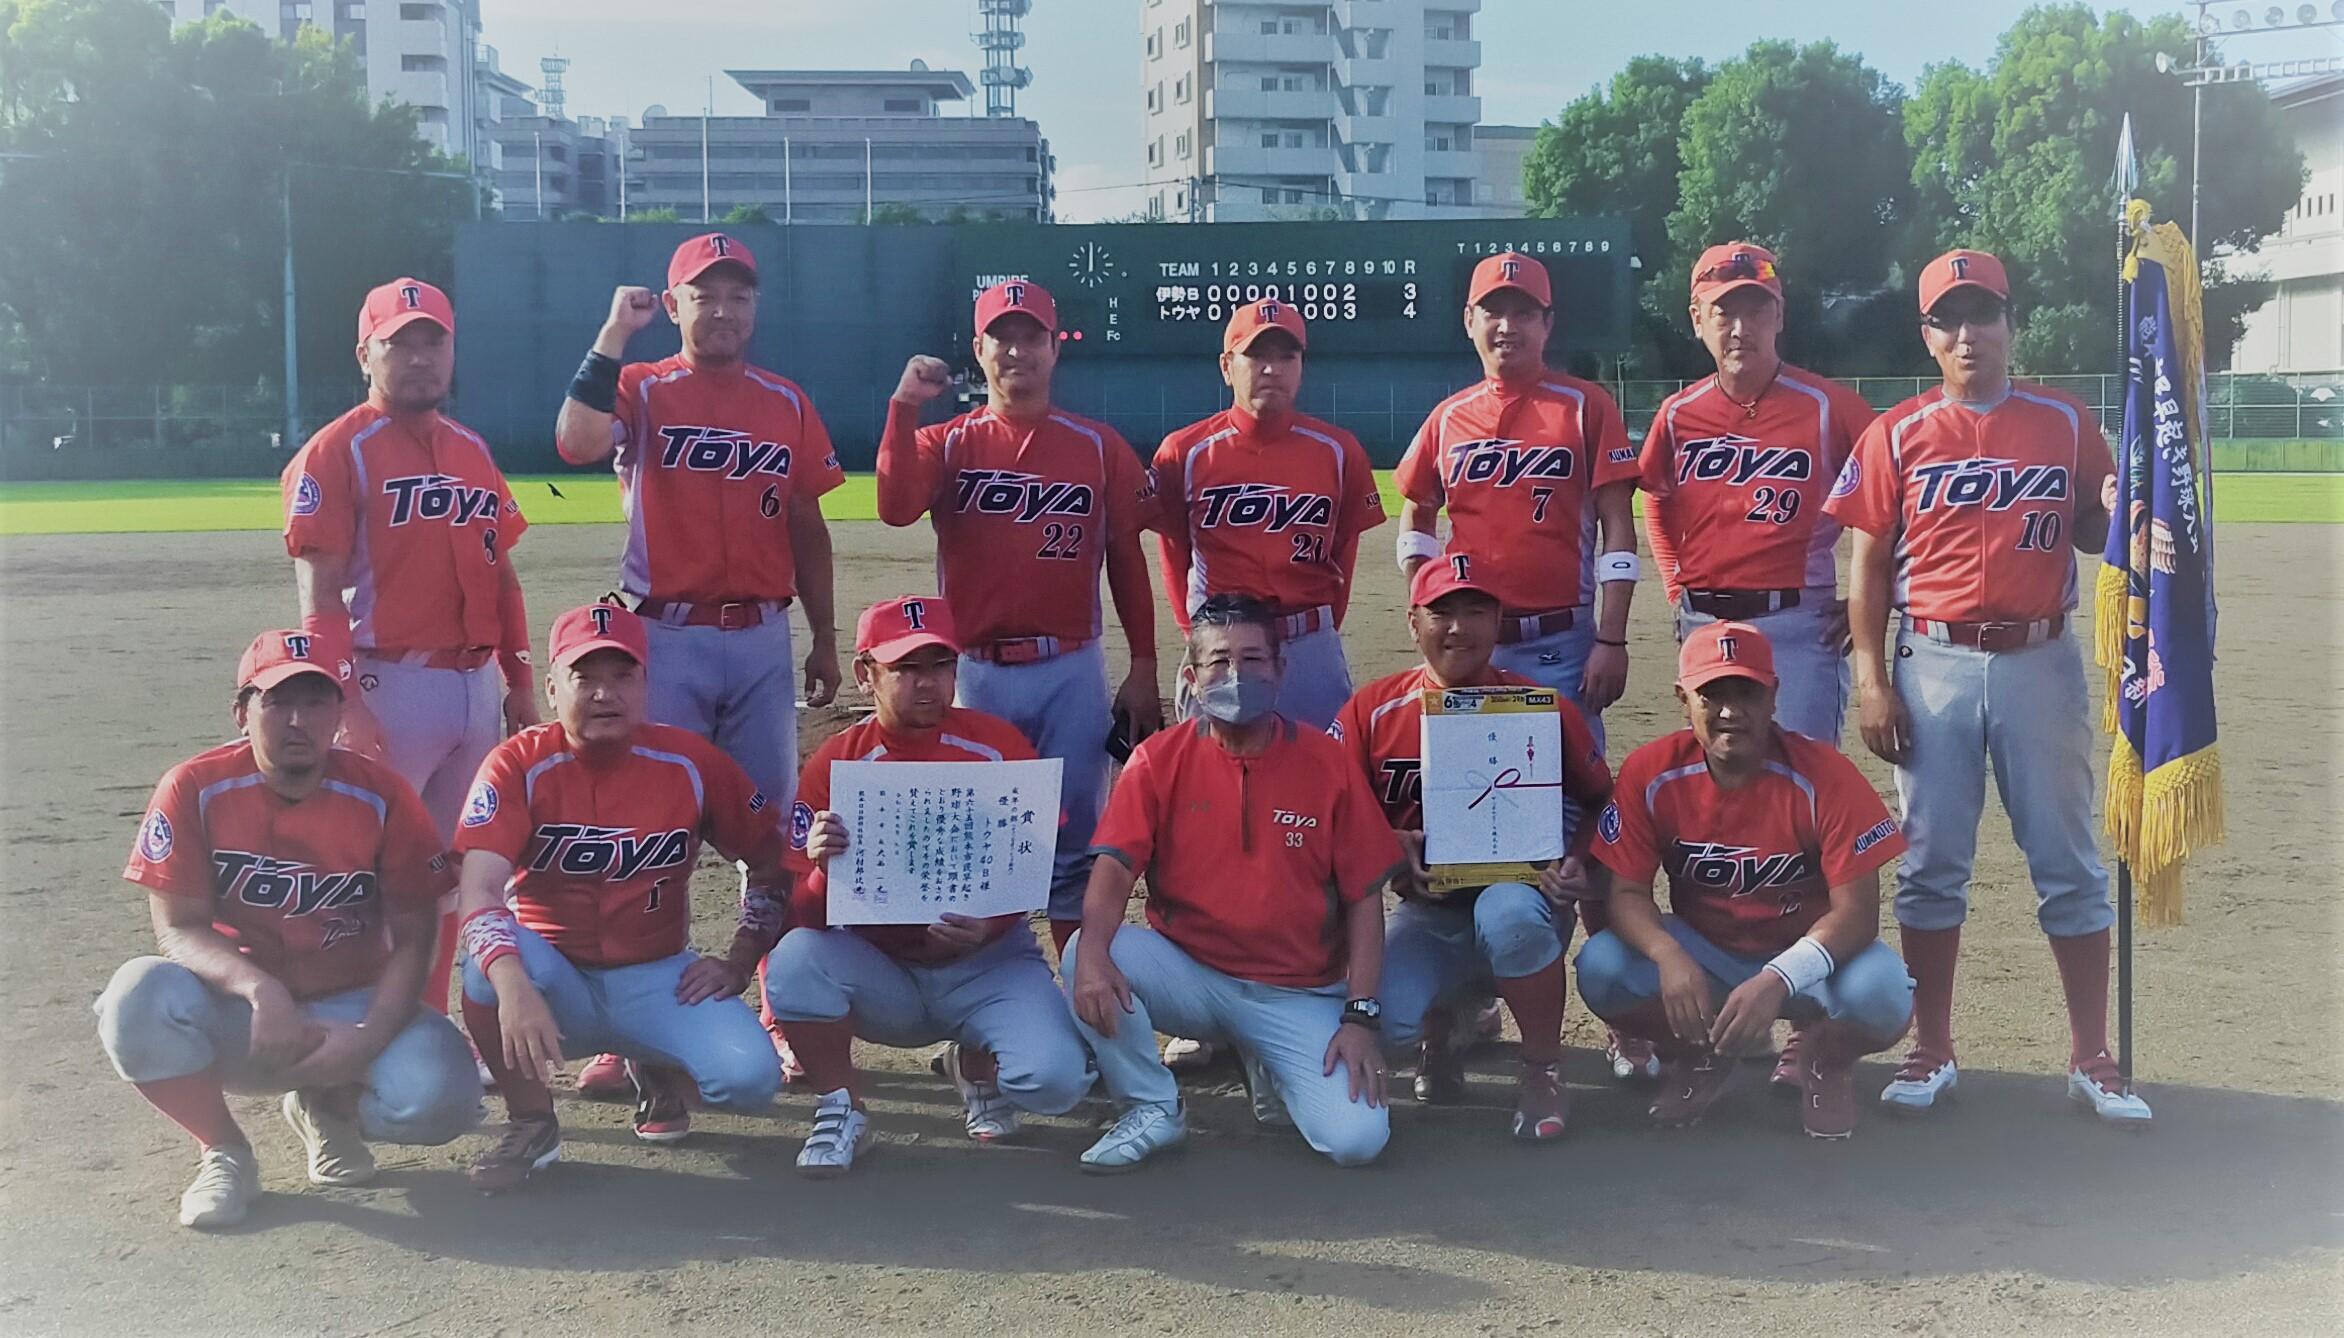 成年の部チャンピオンシップ 優勝:トウヤ40B